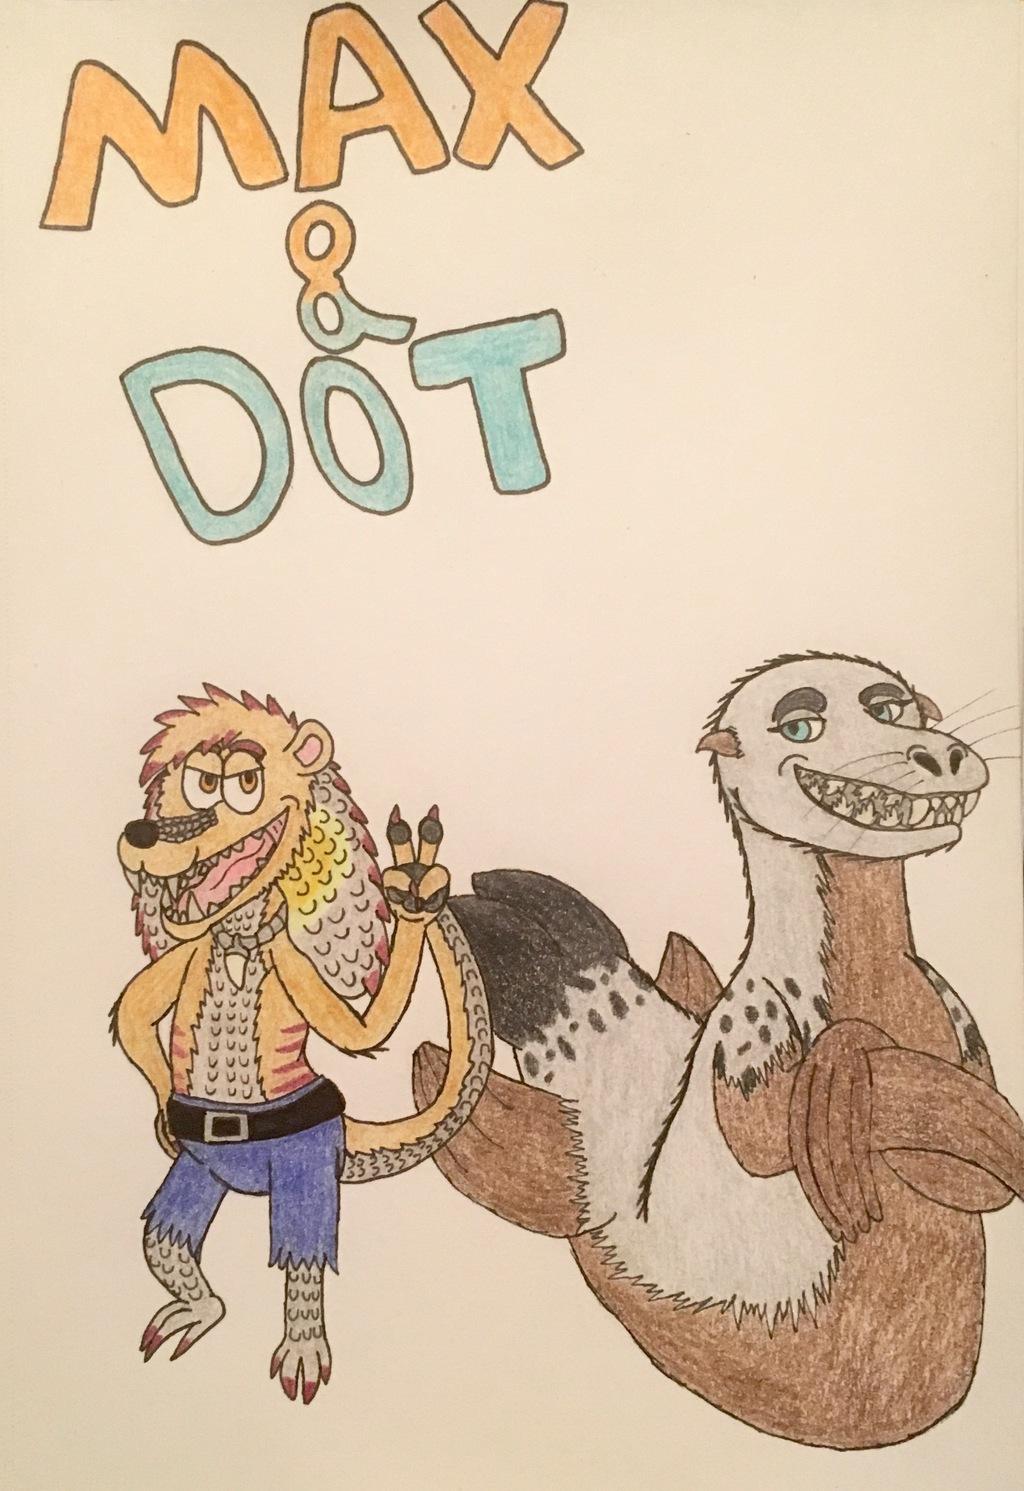 Max and Dot